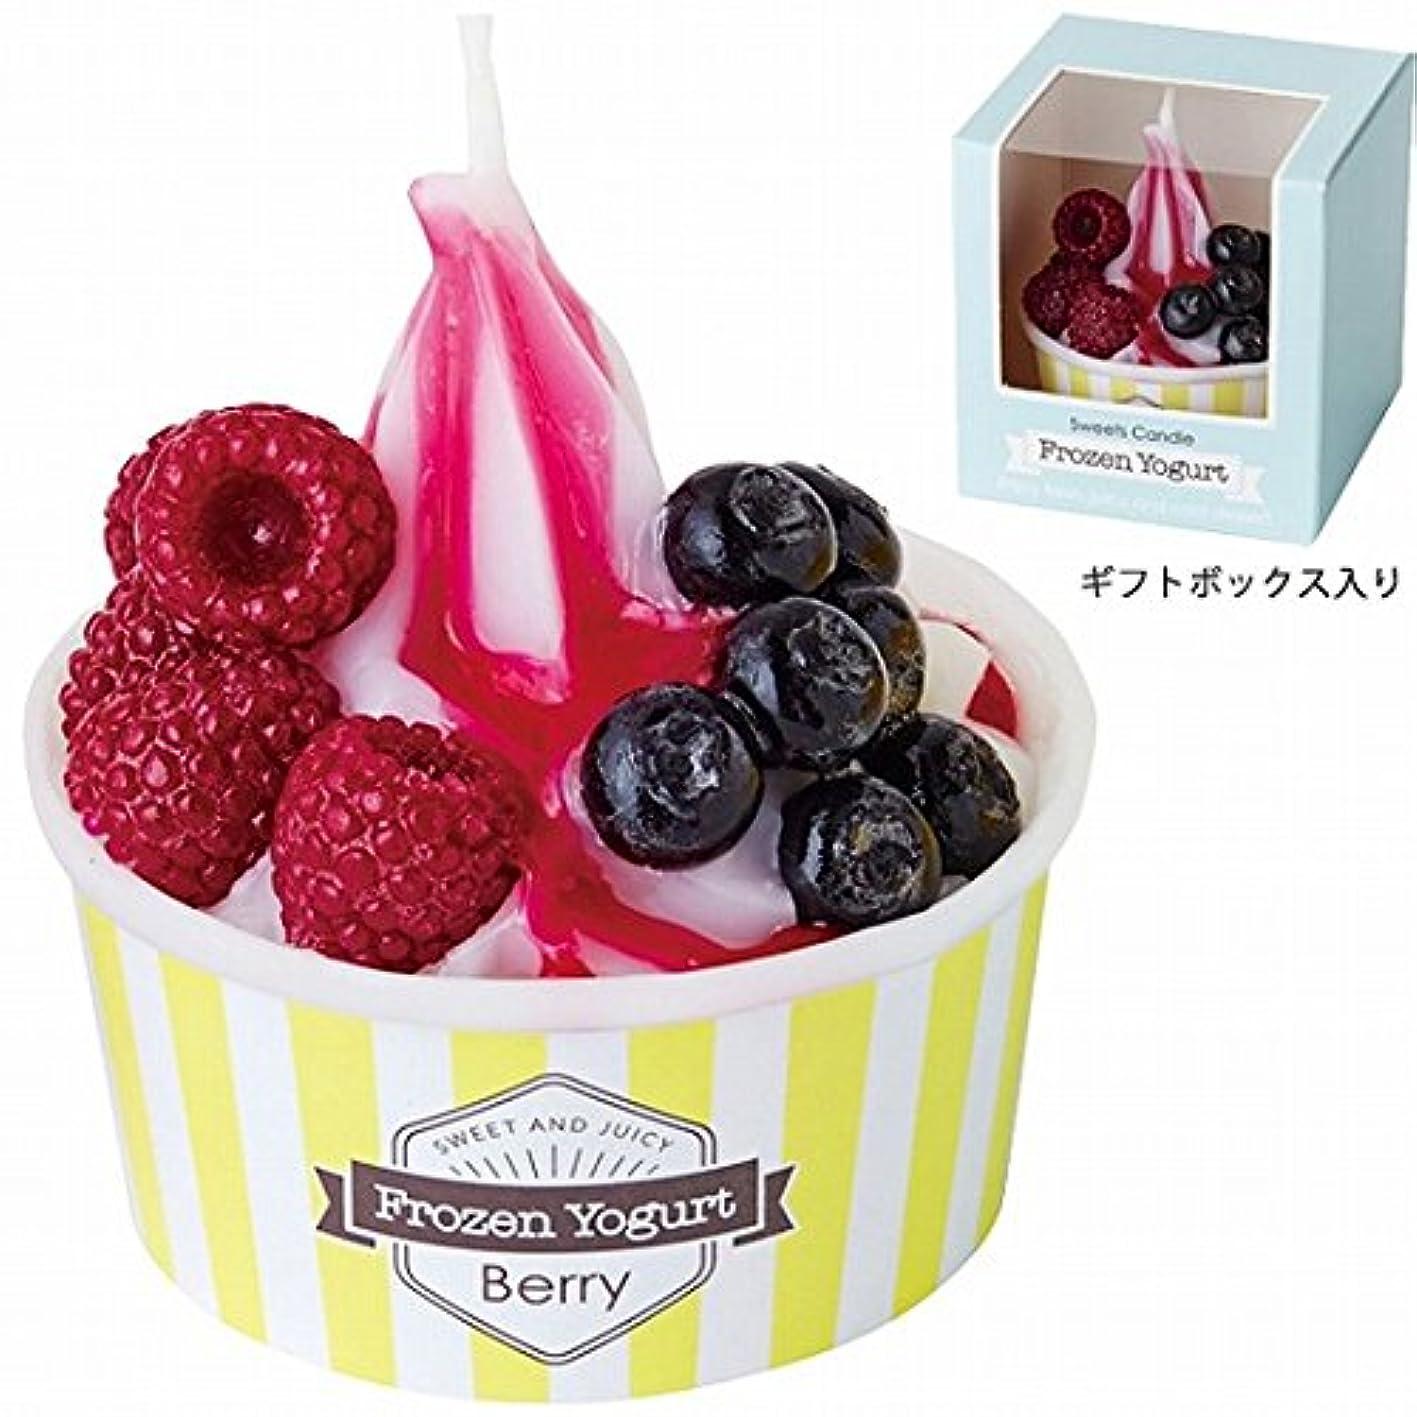 軽蔑する旅ロゴカメヤマキャンドル(kameyama candle) フローズンヨーグルトキャンドル 「ベリー」